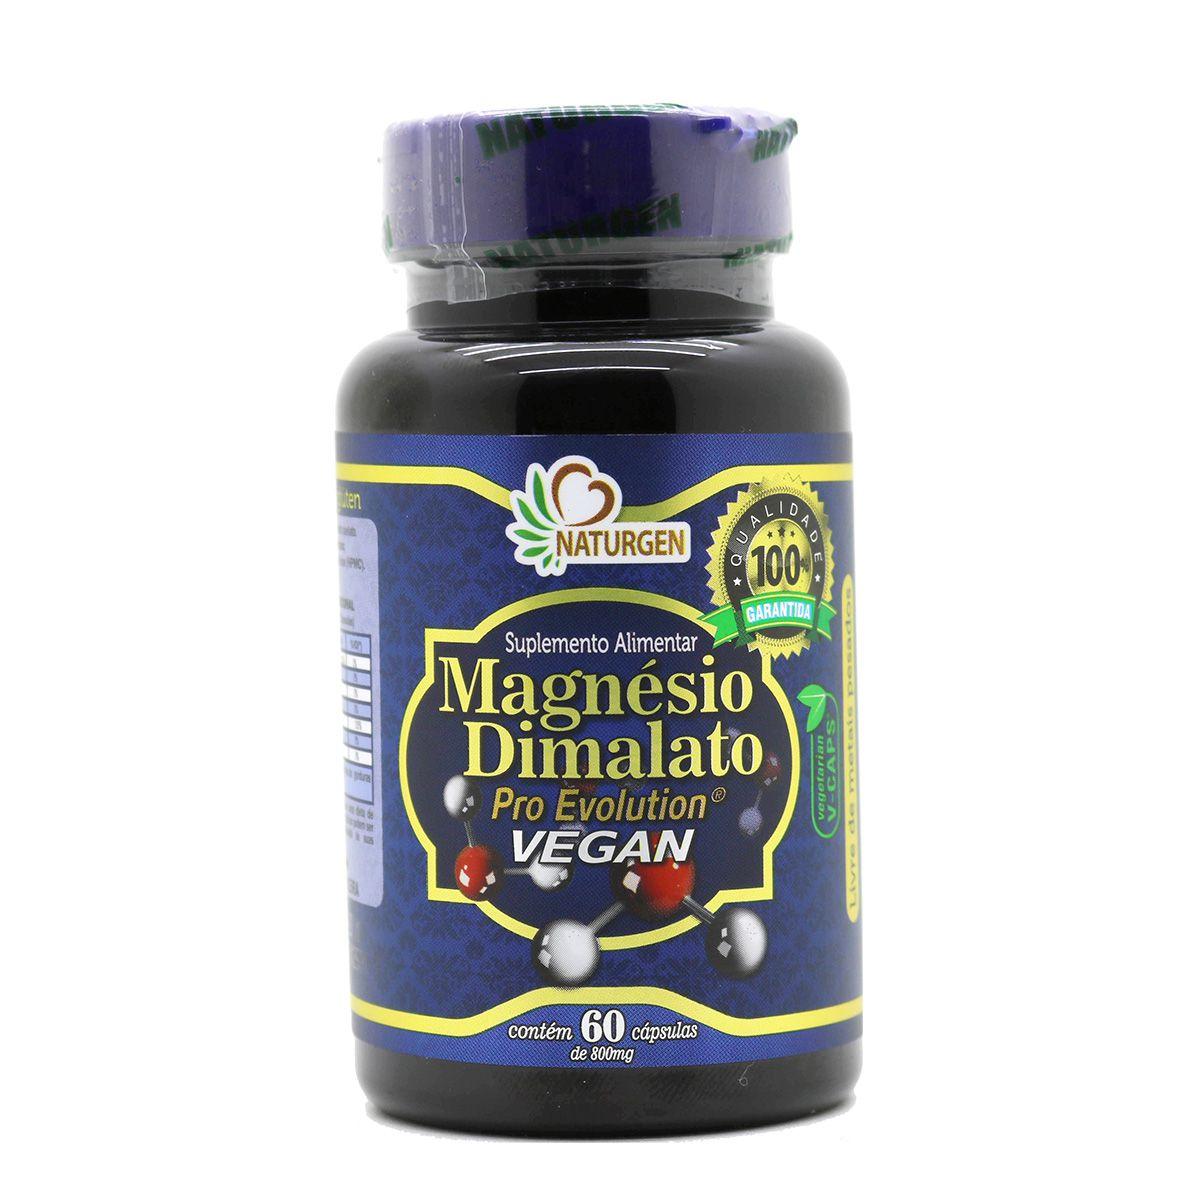 Magnesio Dimalato Pro 60 Capsulas - Vegano Puro 800mg